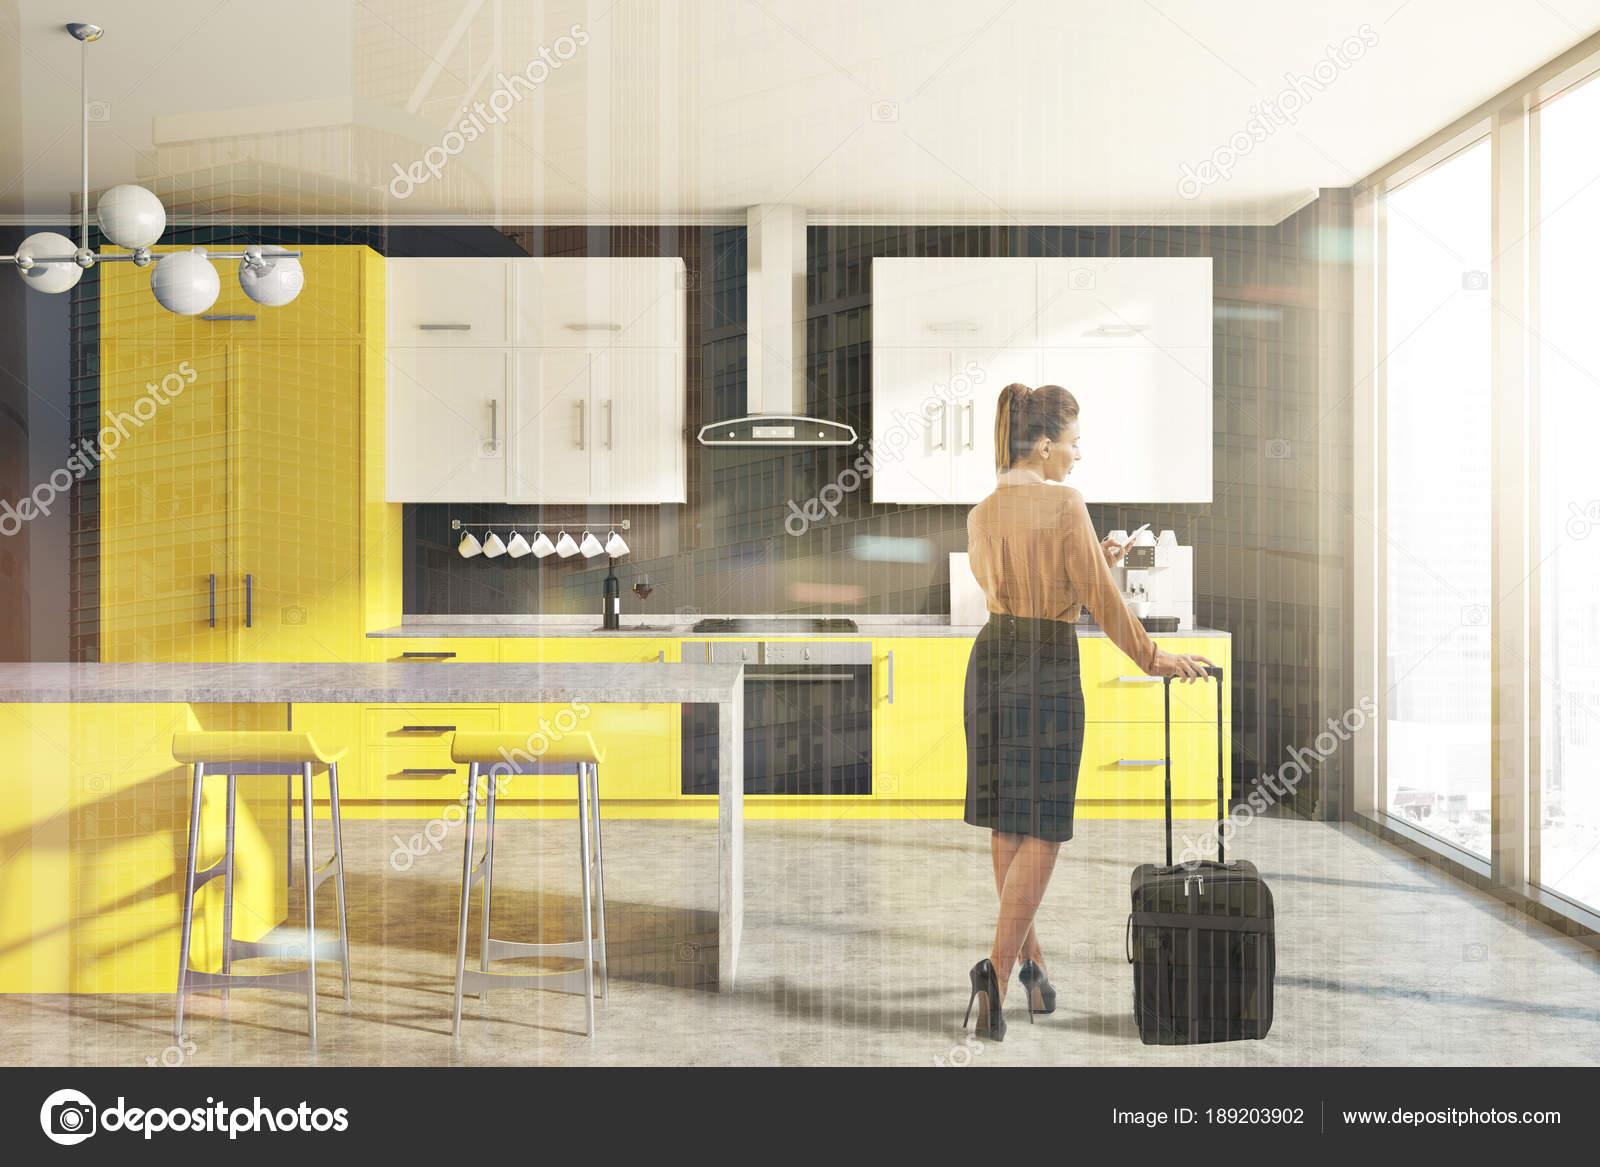 Wunderbar Google Sketchup Küchendesign Frei Galerie - Ideen Für Die ...